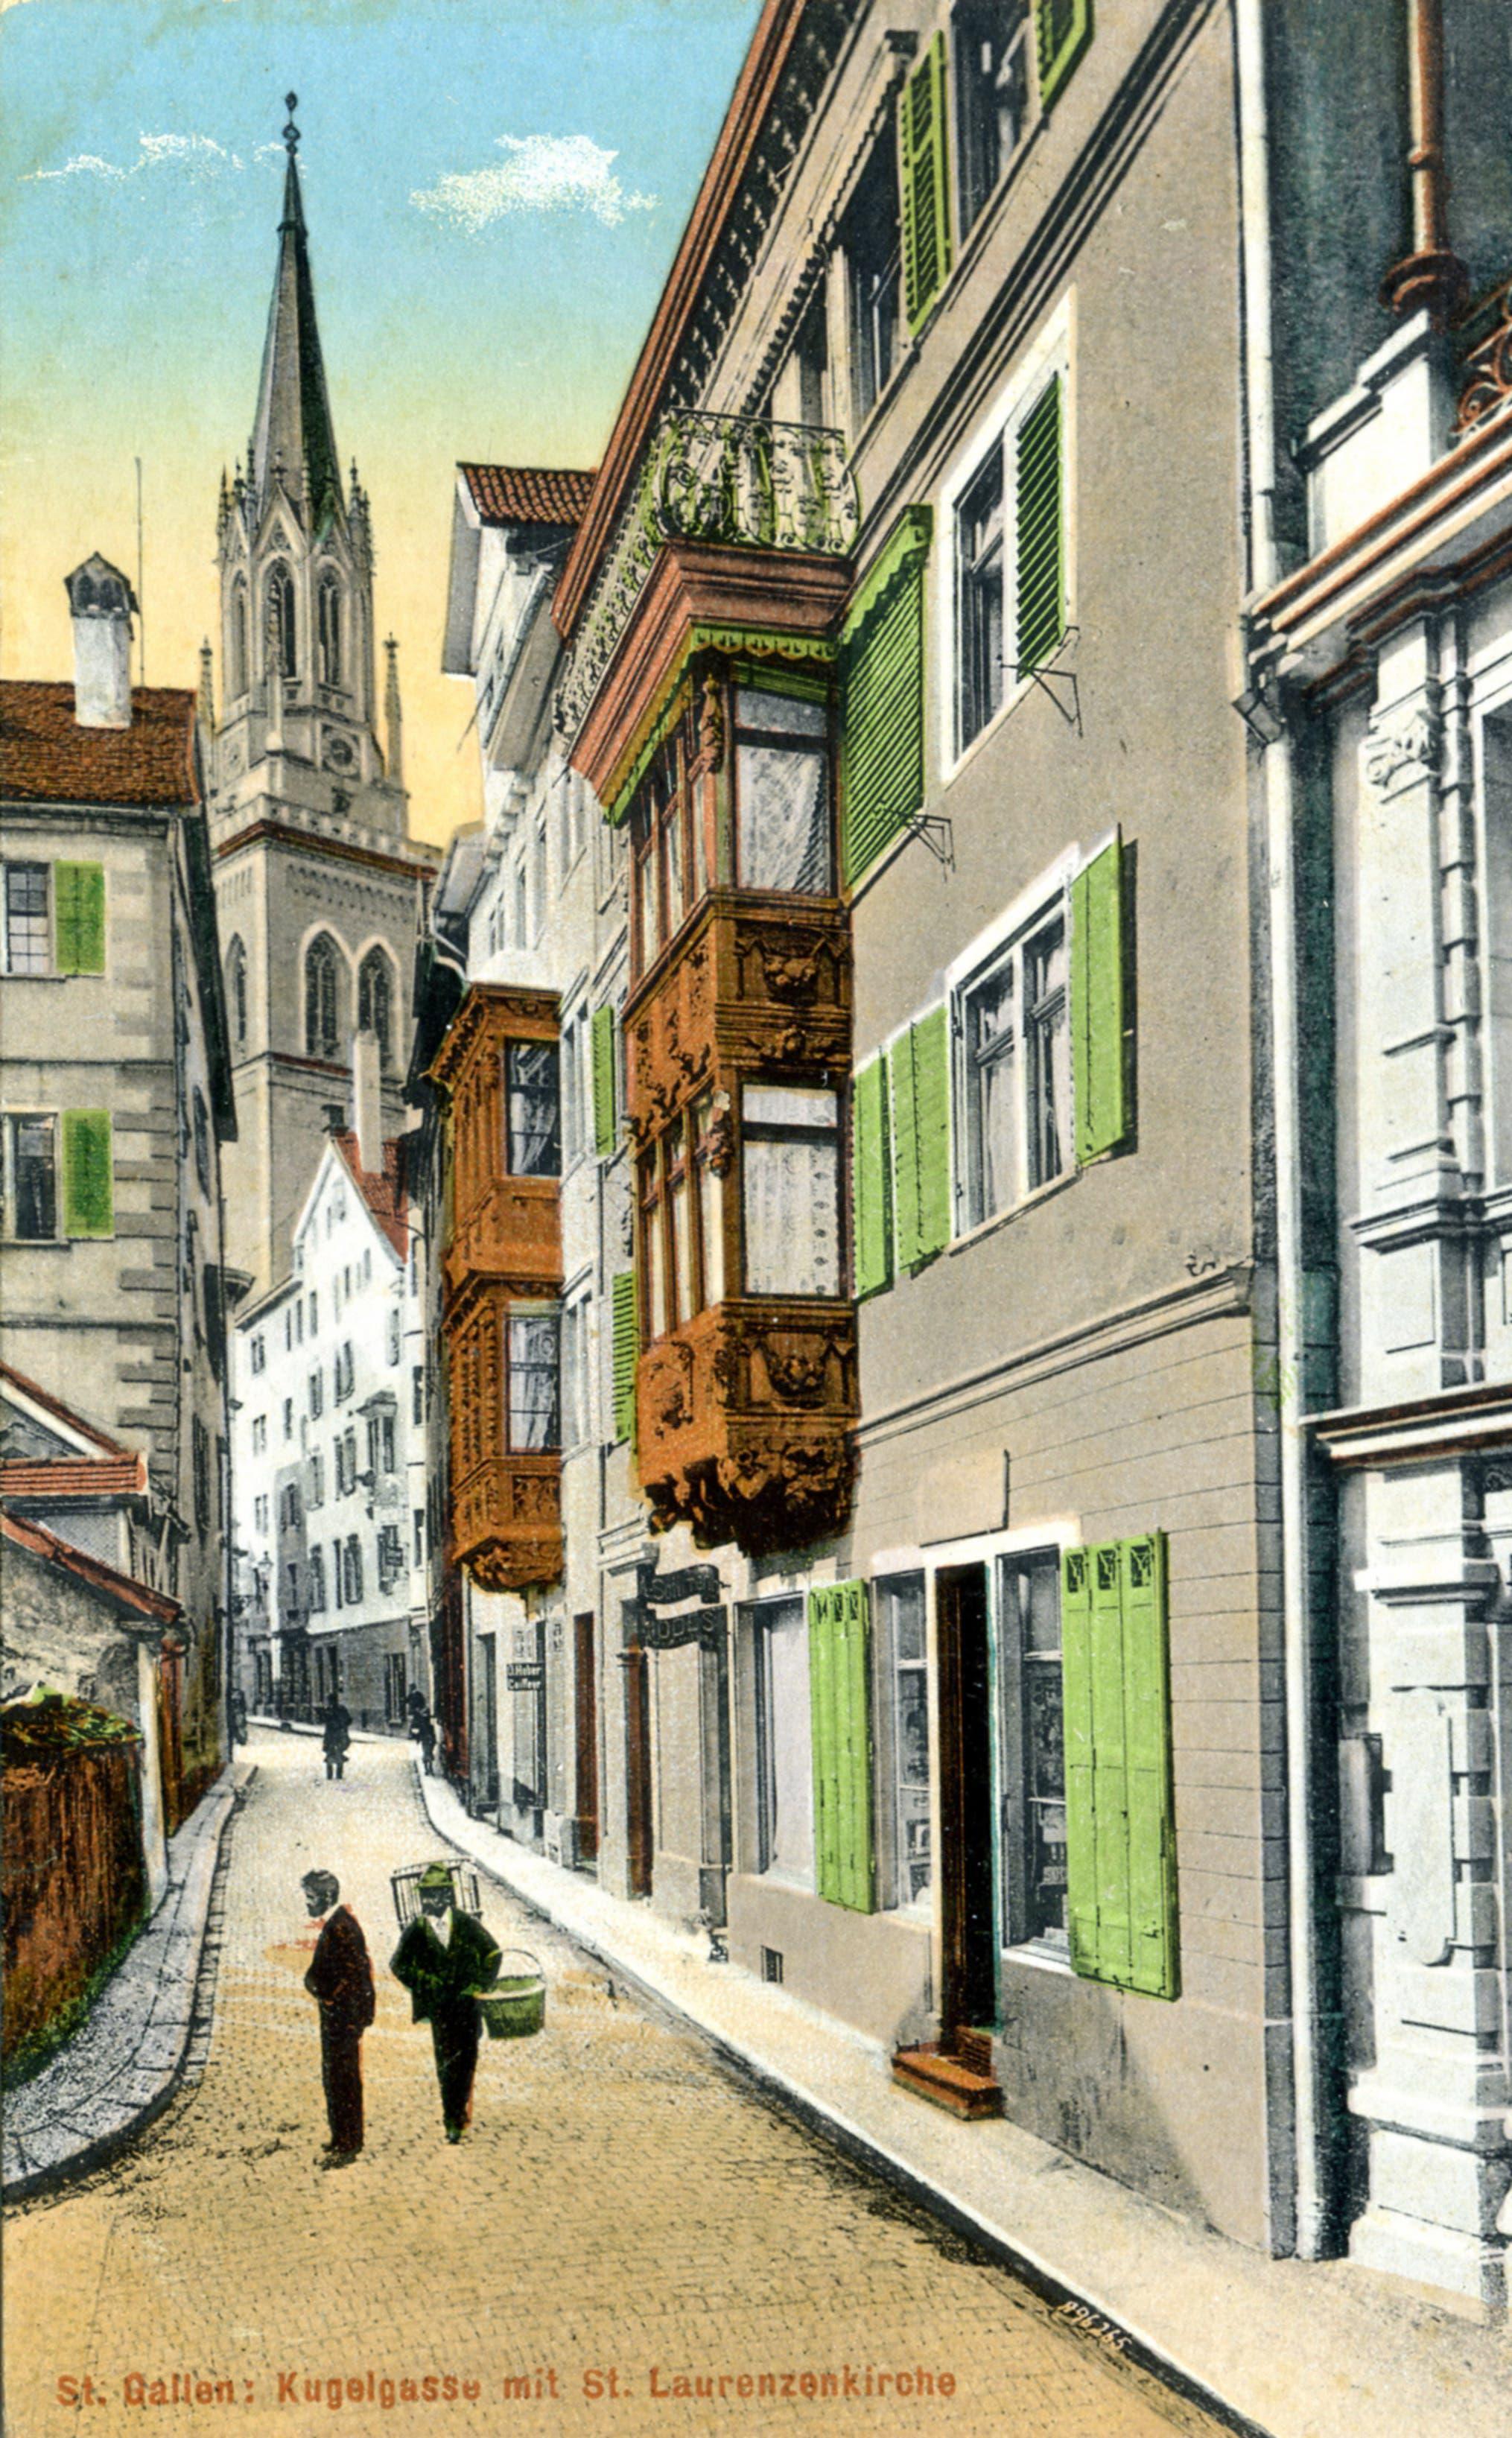 Die Kugelgasse wurde schon 1915 optisch vom Turm der Laurenzenkirche dominiert. Die Gasse war damals erheblich schmaler als heute. Die kleinteilige Bebauung links fehlt heute. Und das Haus «Zur Flasche» (links hinten mit den grünen Fensterläden) hatte noch keine Arkaden.